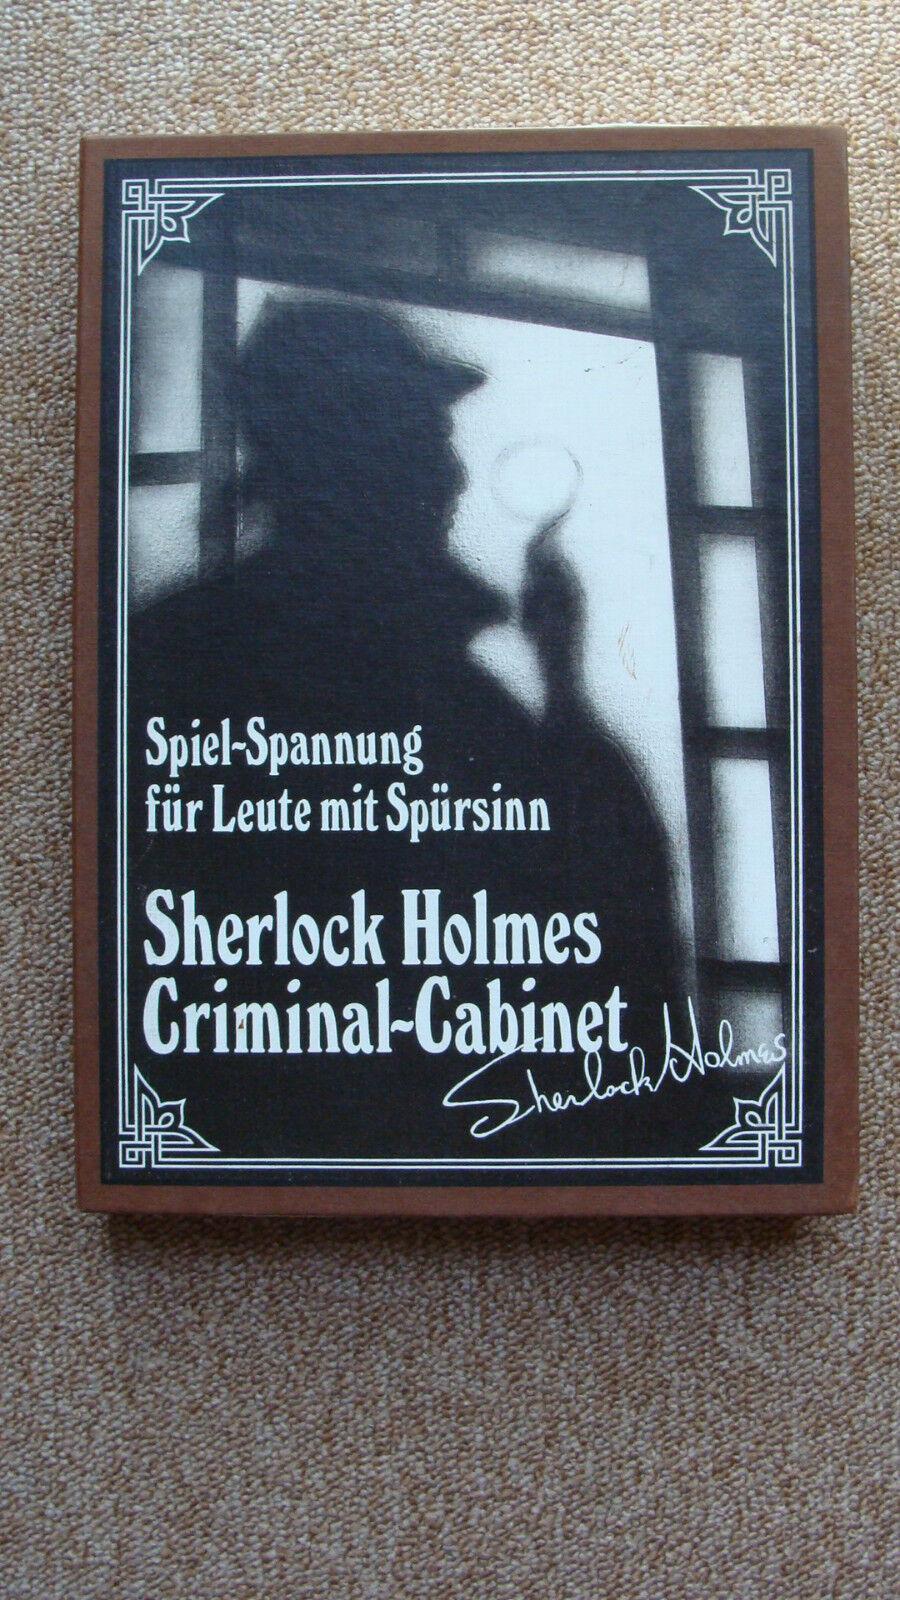 Sherlock Holmes Criminal-Cabinet Vollständig Spiel des Jahres 1985